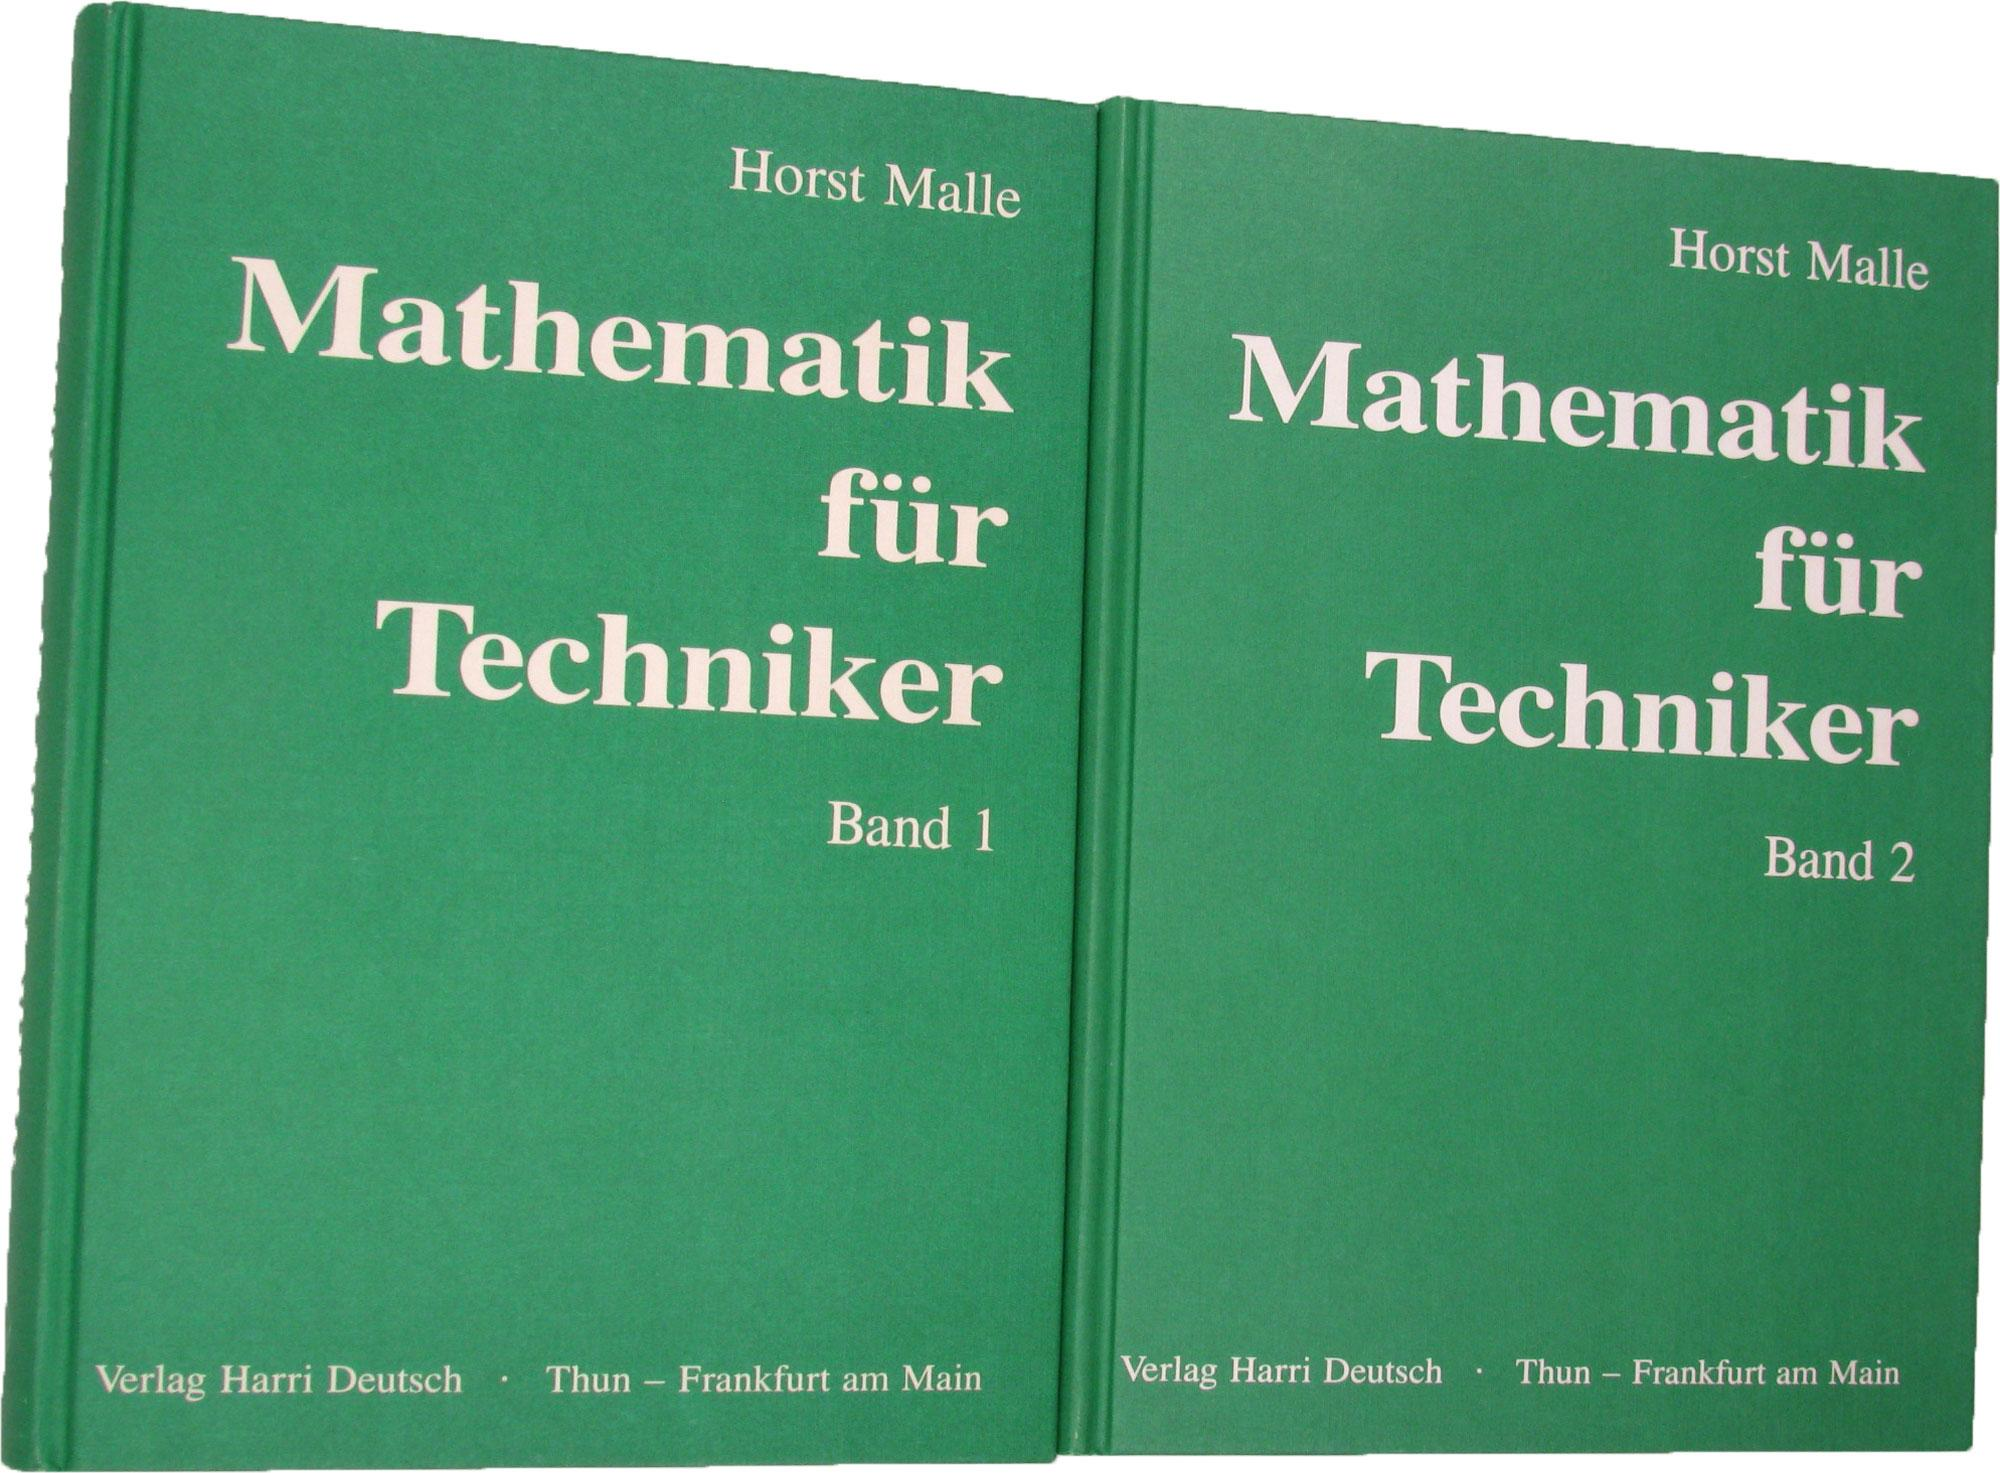 Mathematik für Techniker (2 Bde.), - Malle, Horst